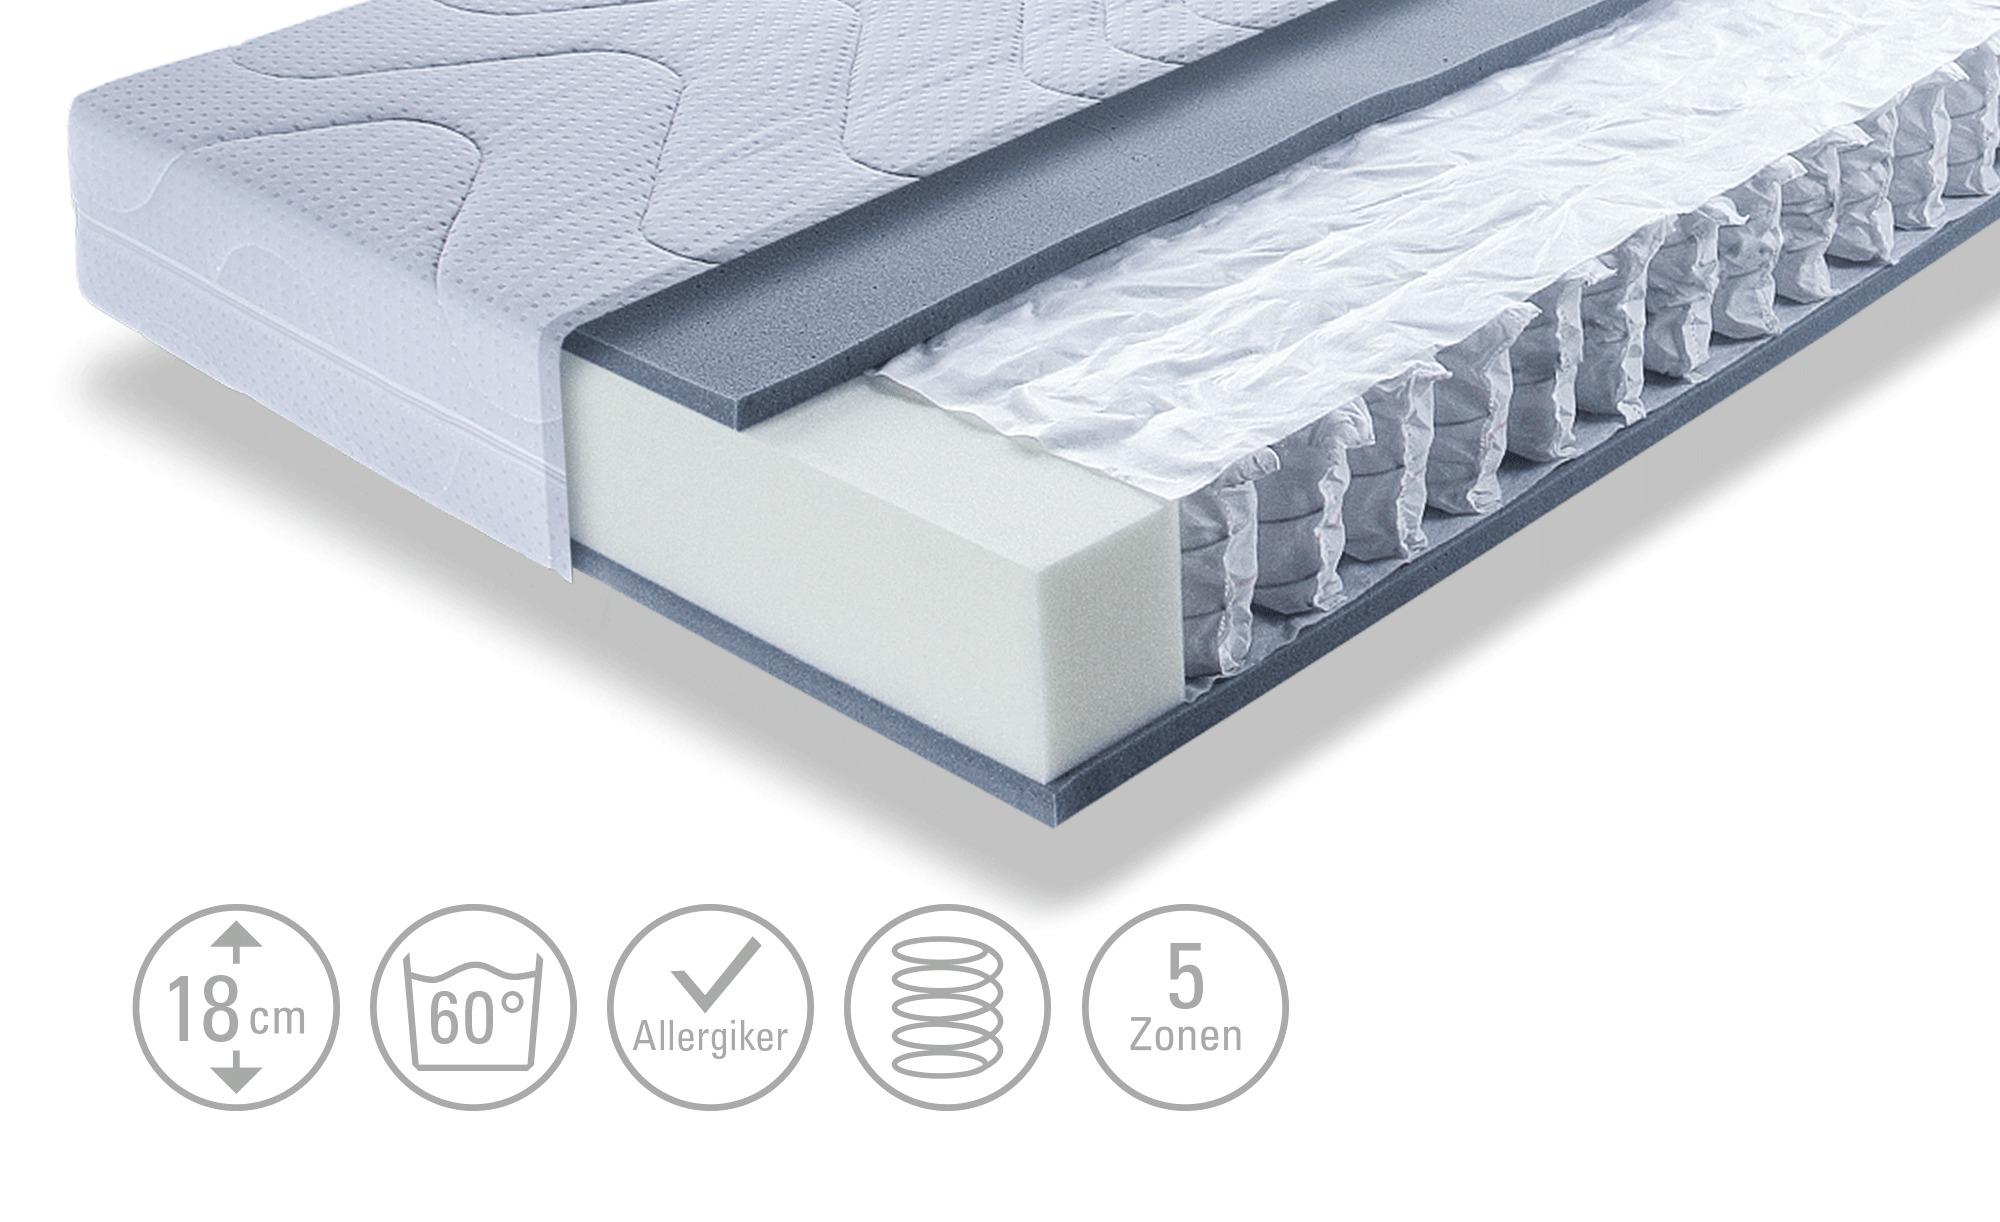 Dreamer eXpress Tonnentaschenfederkernmatratze - weiß - 160 cm - 18 cm - Matratzen & Zubehör > Federkernmatratzen - Möbel Kraft | Schlafzimmer > Matratzen > Federkernmatratzen | Dreamer eXpress